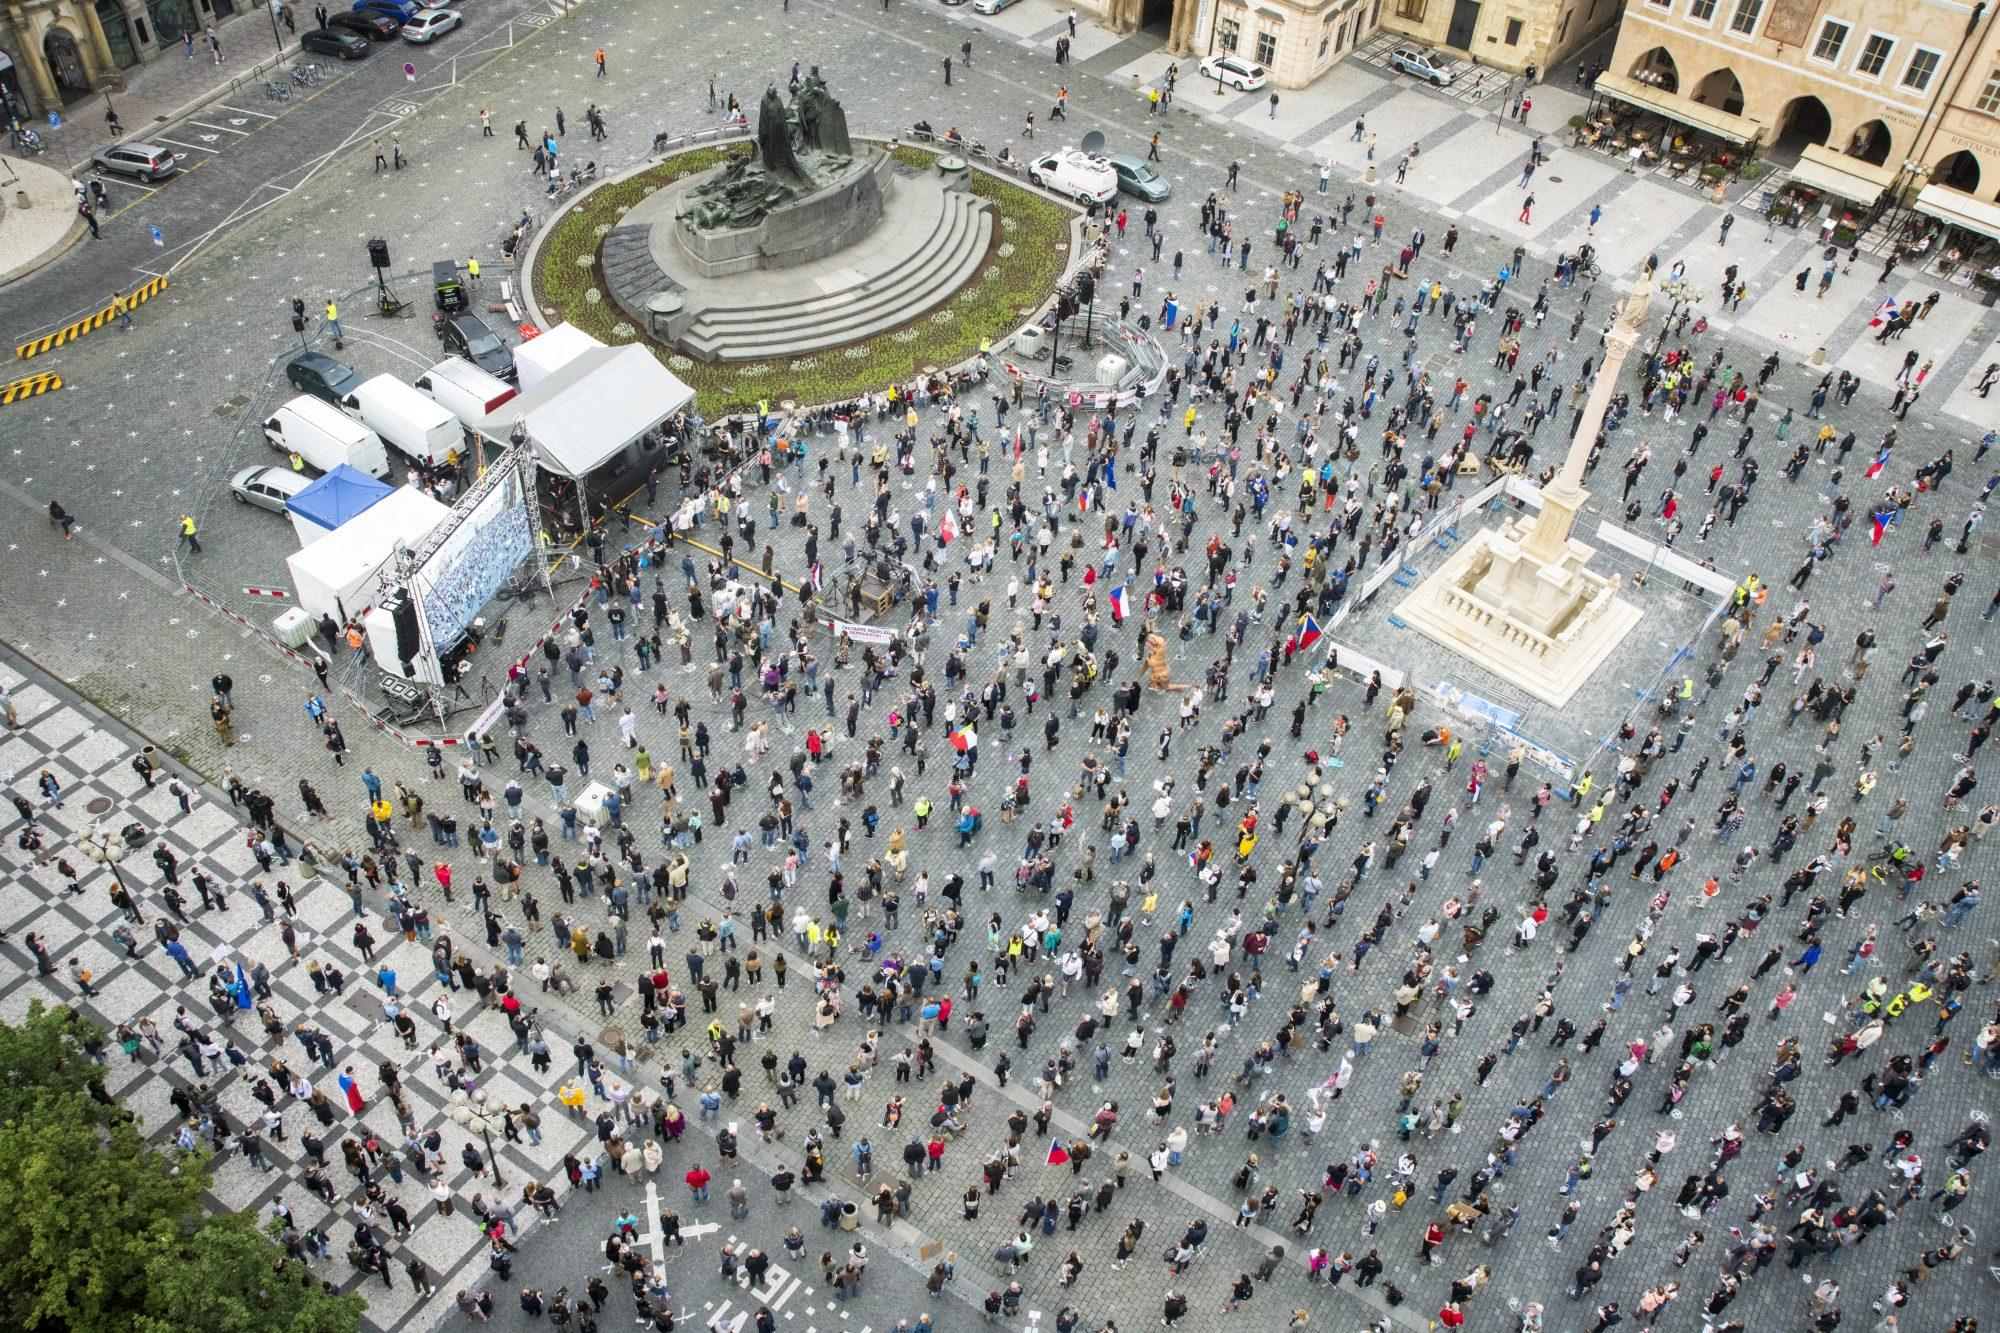 >Demonstrace s předepsanými rozestupy.  Milion Chvilek na Staroměstském náměstí 9. června. Kritika vlády za chyby v krizi při pandemii koronaviru.